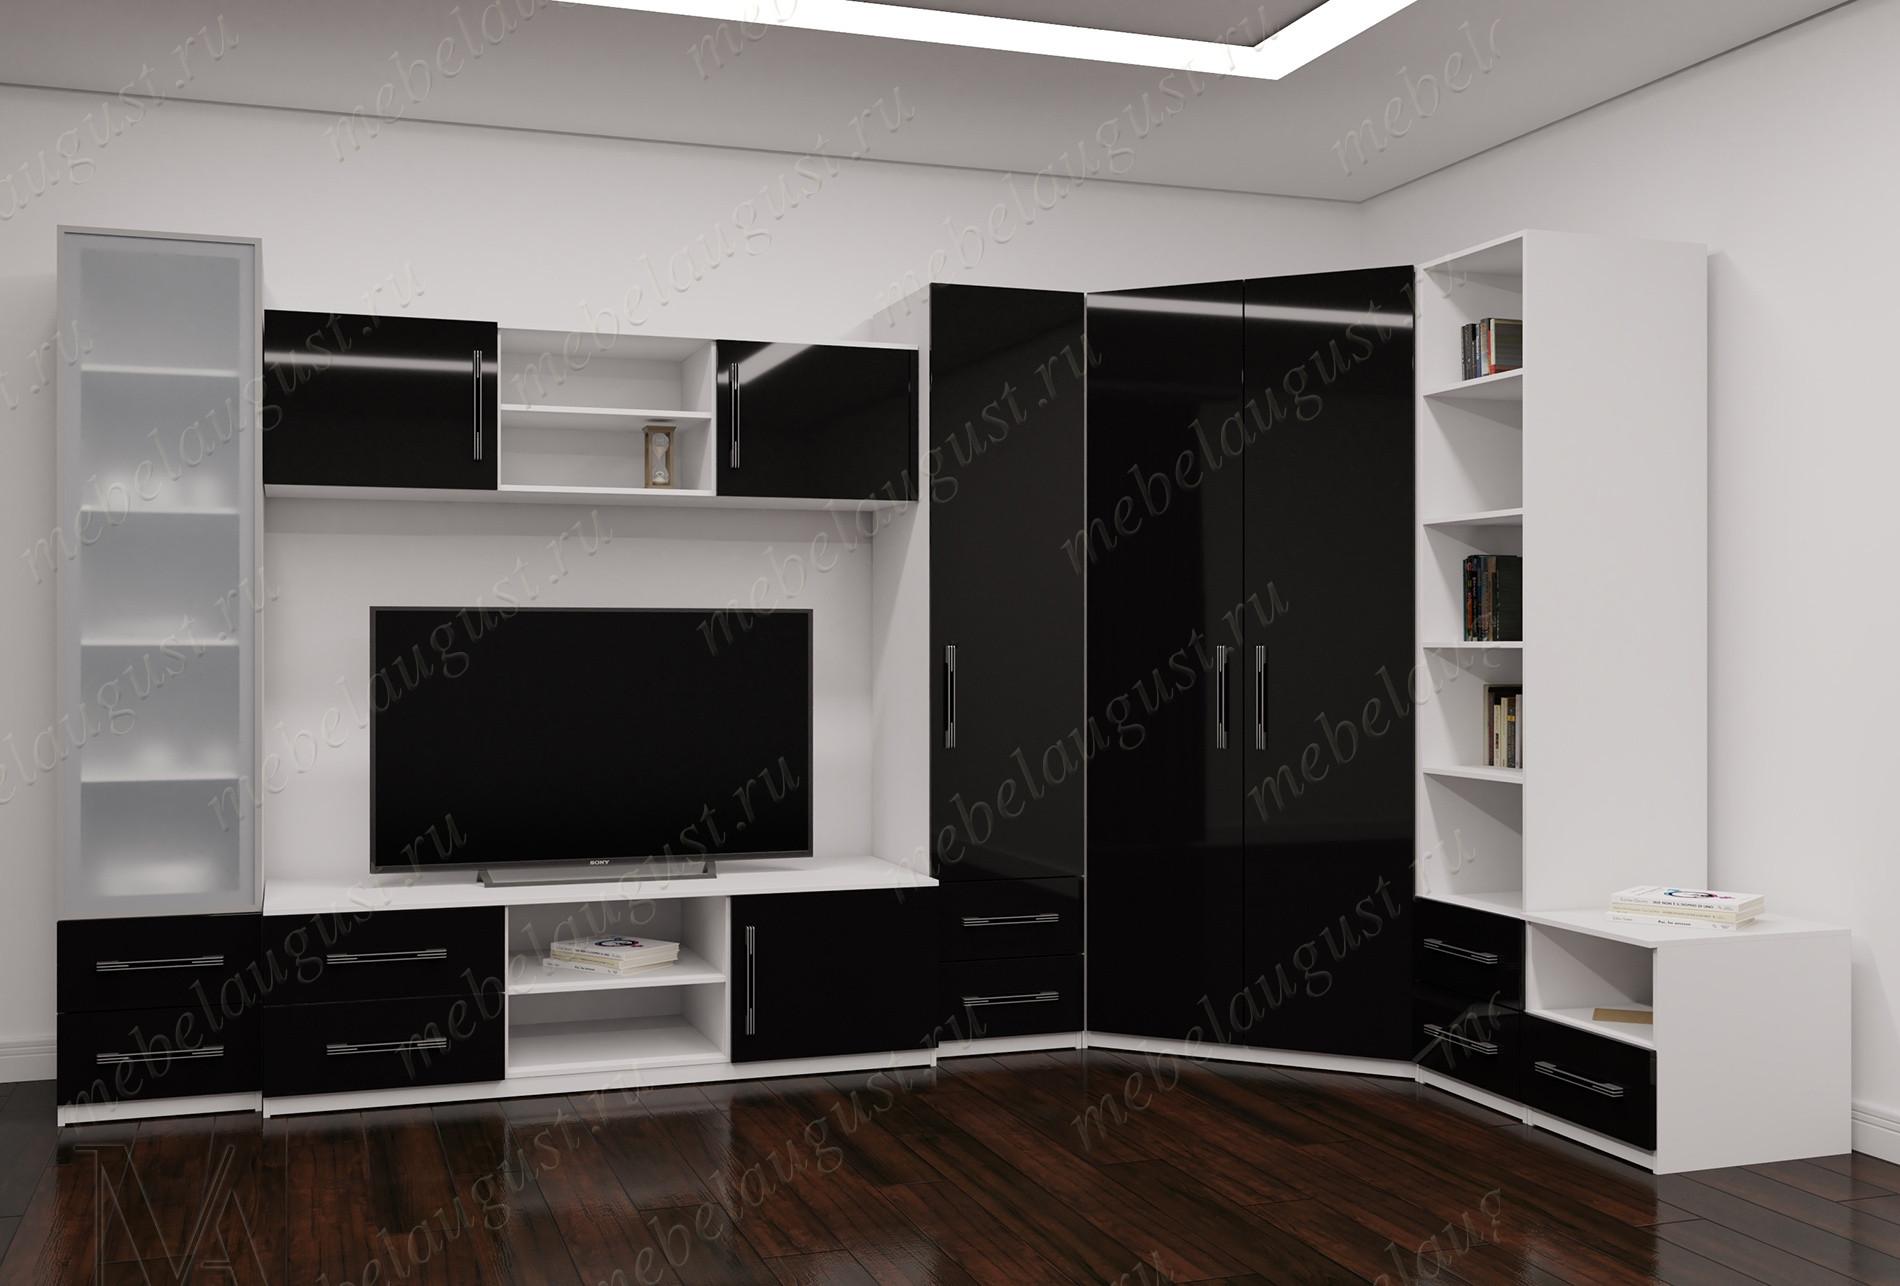 Черно-белая глянцевая большая мебельная стенка с полкой под телевизор